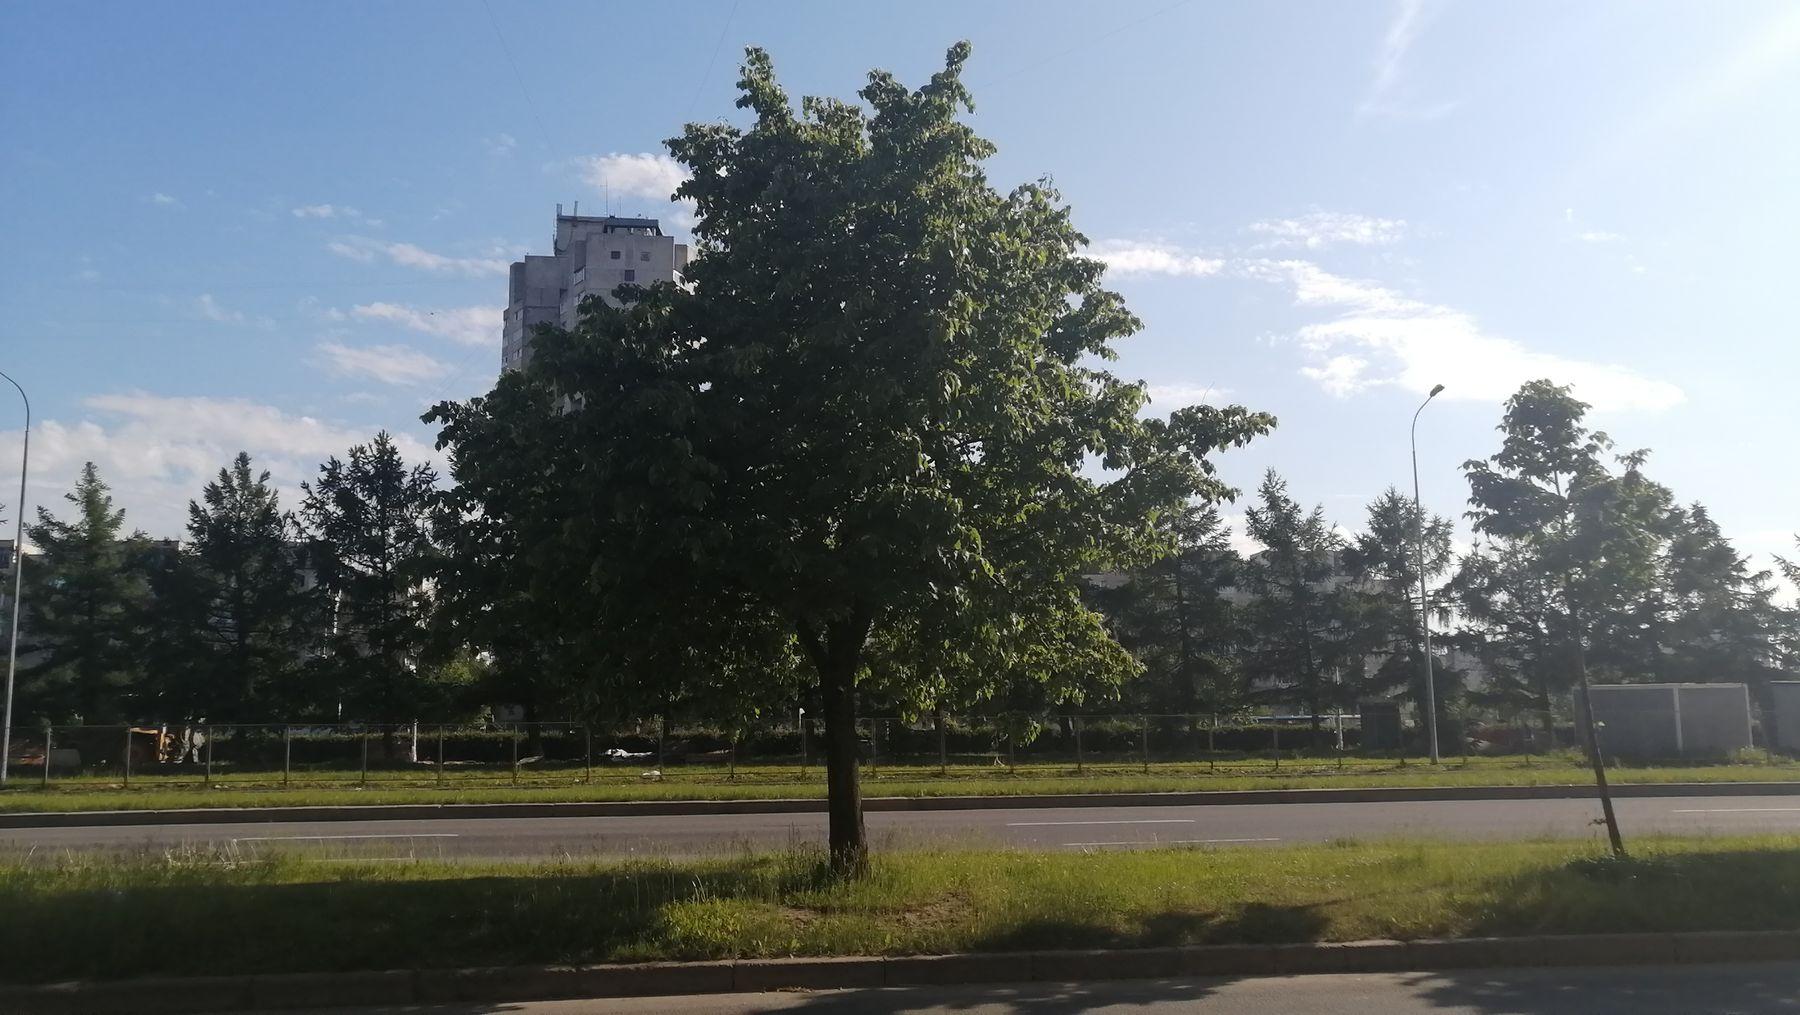 Июнь Деревья 2021 Санкт-Петербург деревья лето